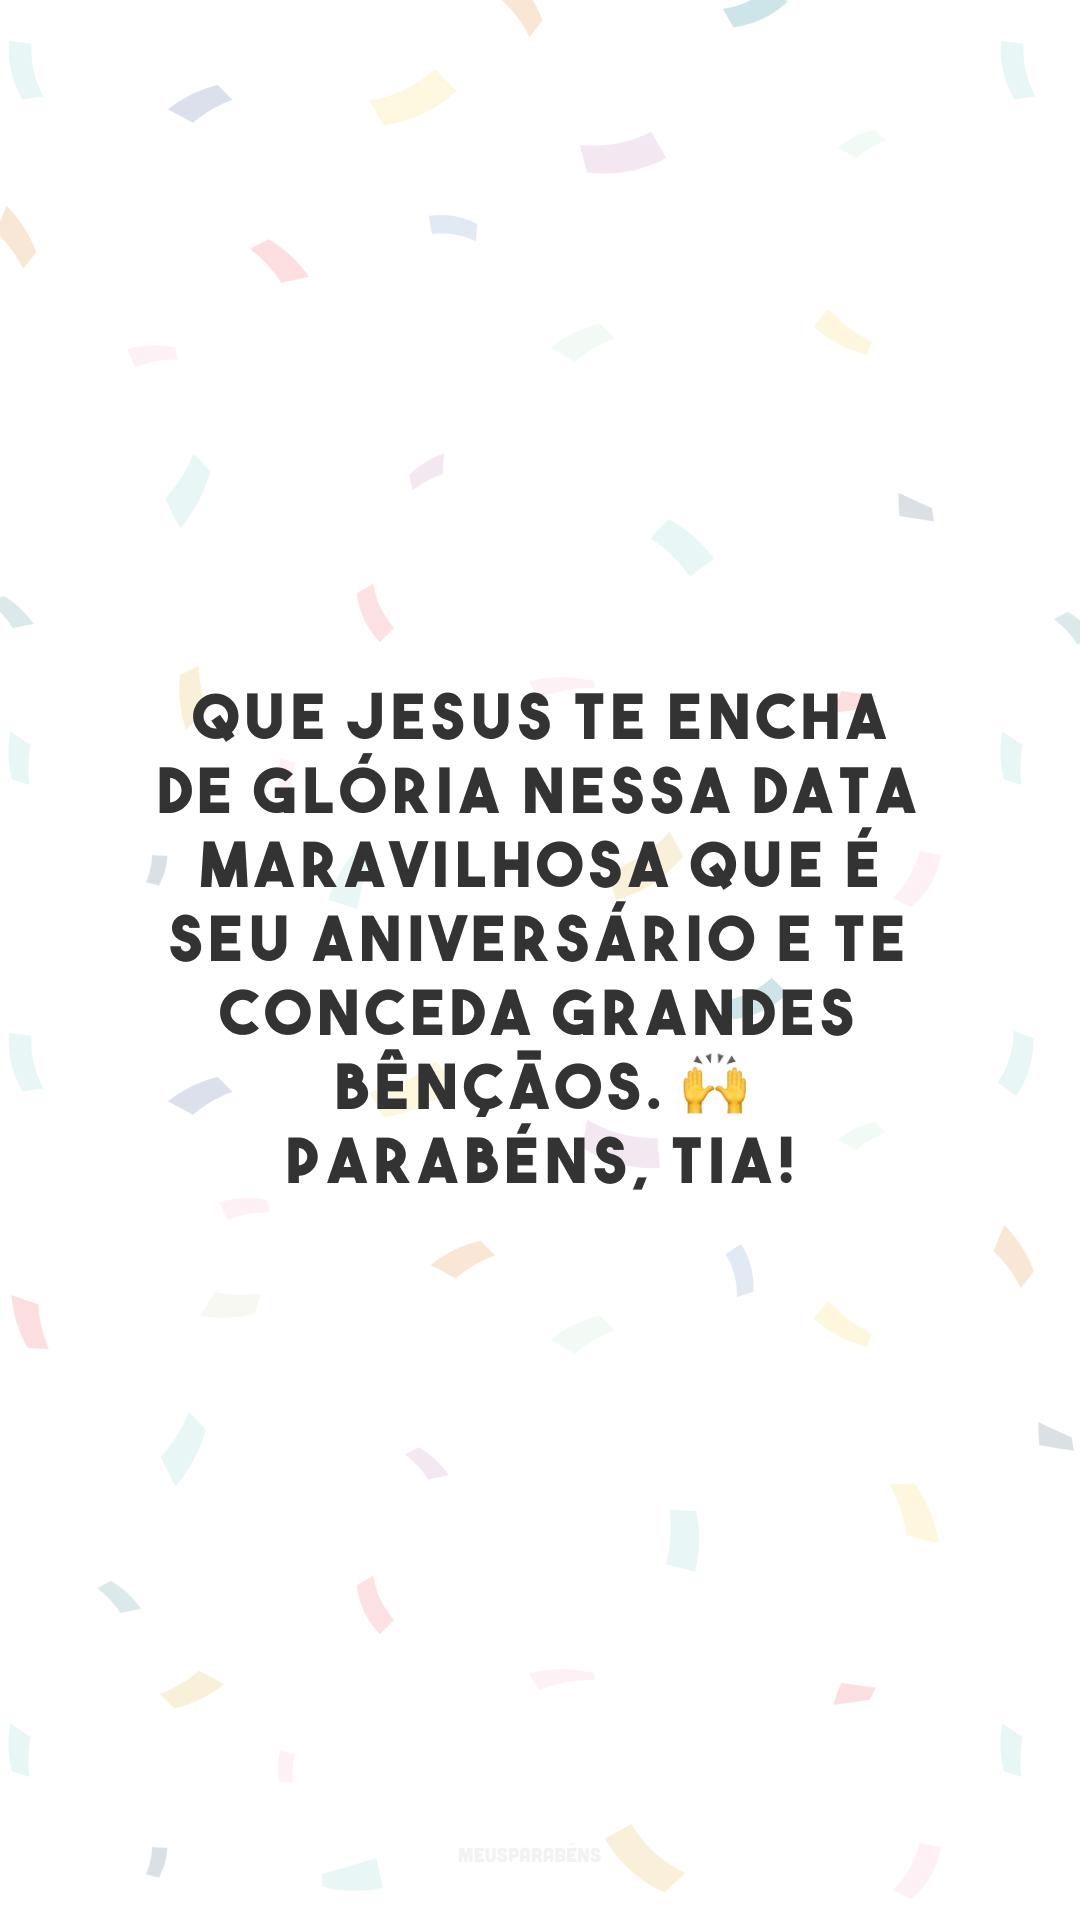 Que Jesus te encha de glória nessa data maravilhosa que é seu aniversário e te conceda grandes bênçãos. 🙌 Parabéns, tia!